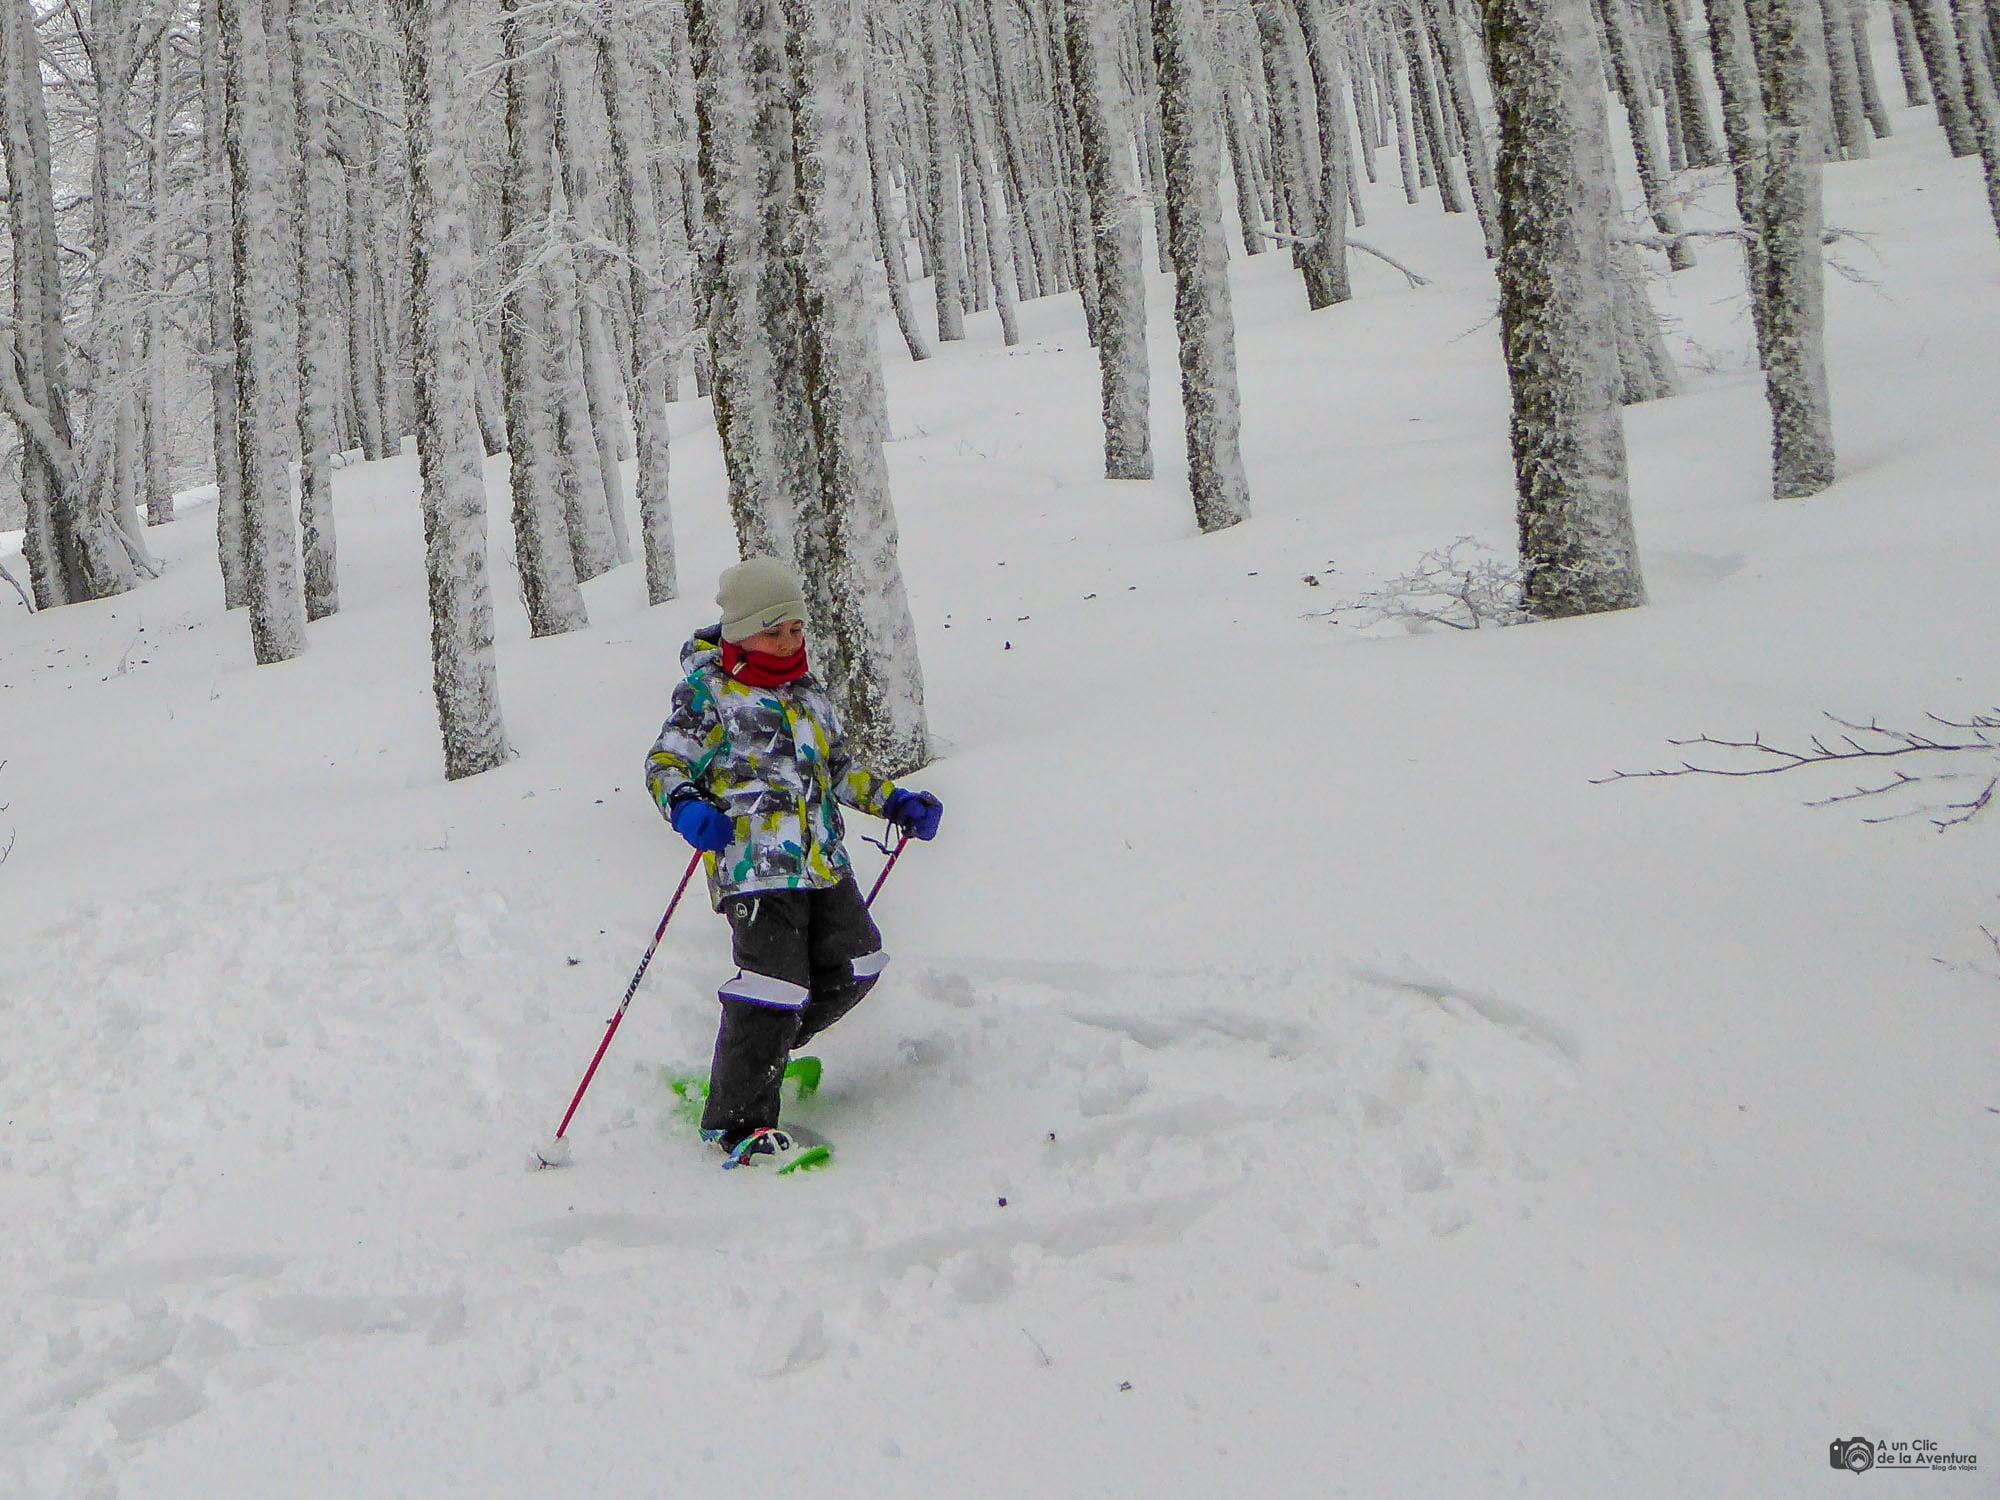 Ruta con raquetas de nieve en Andorra